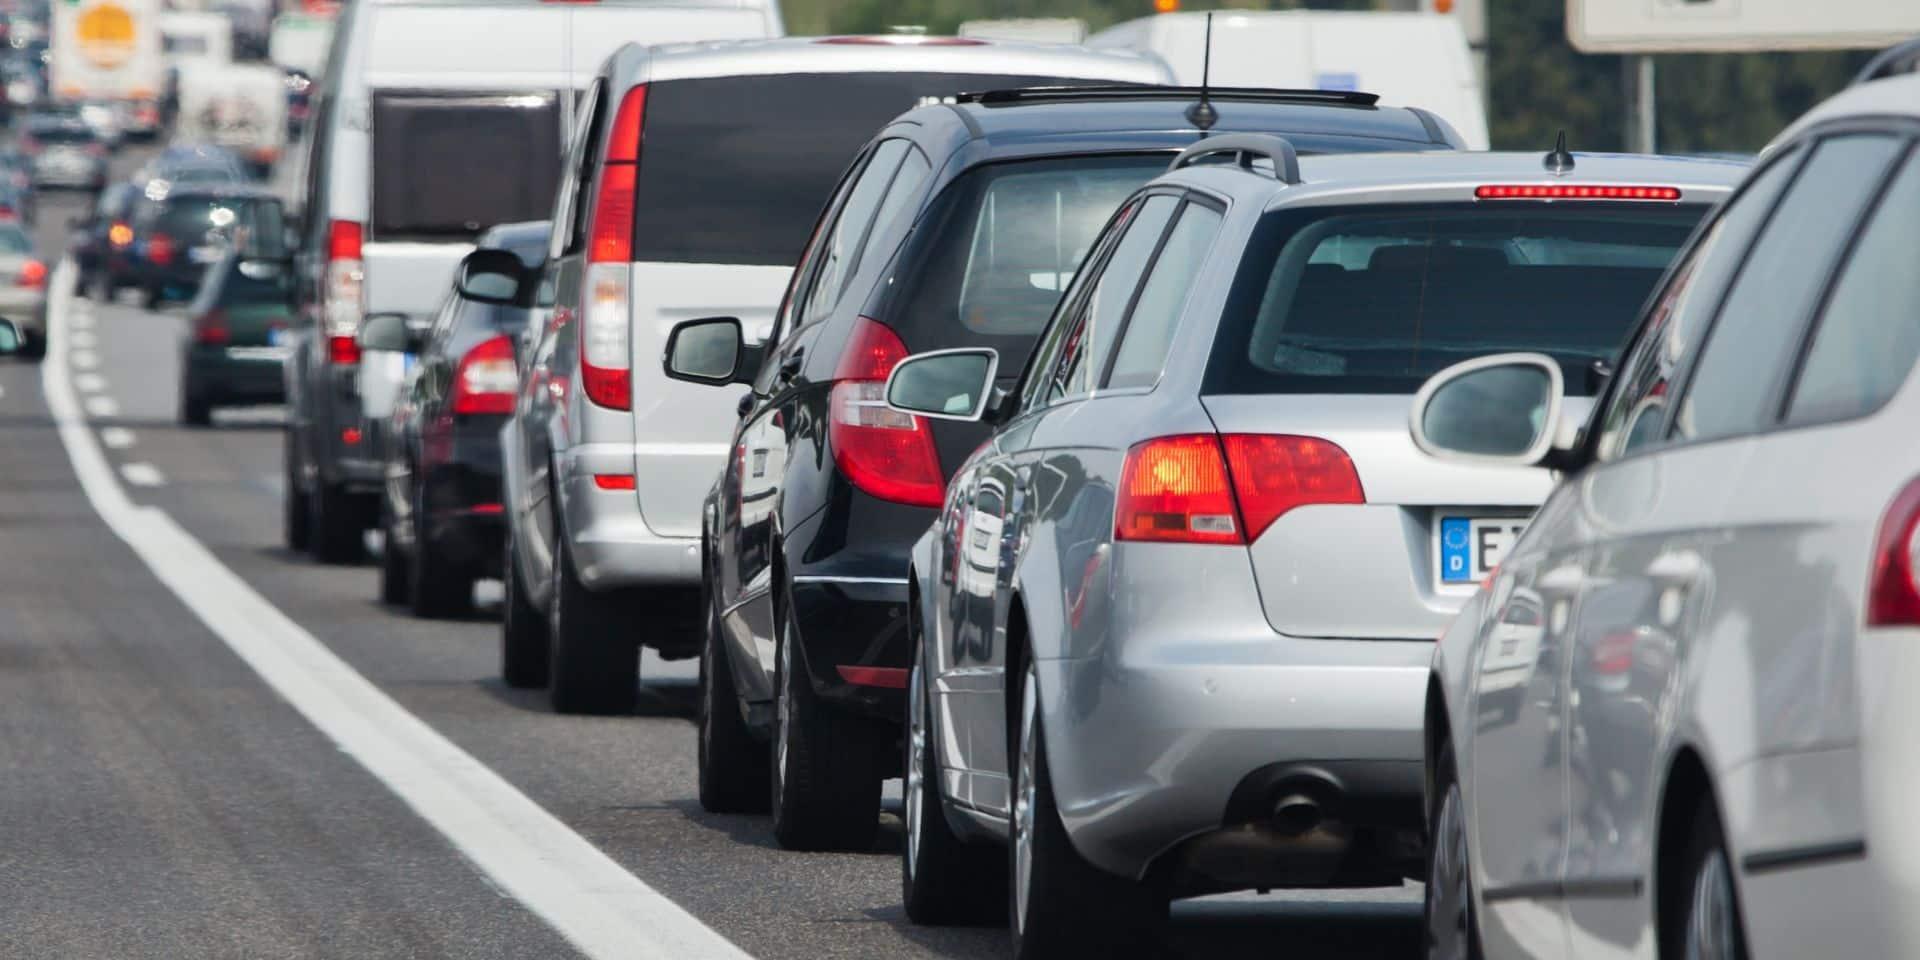 France: il tue l'automobiliste qui l'a doublé dans la file d'attente